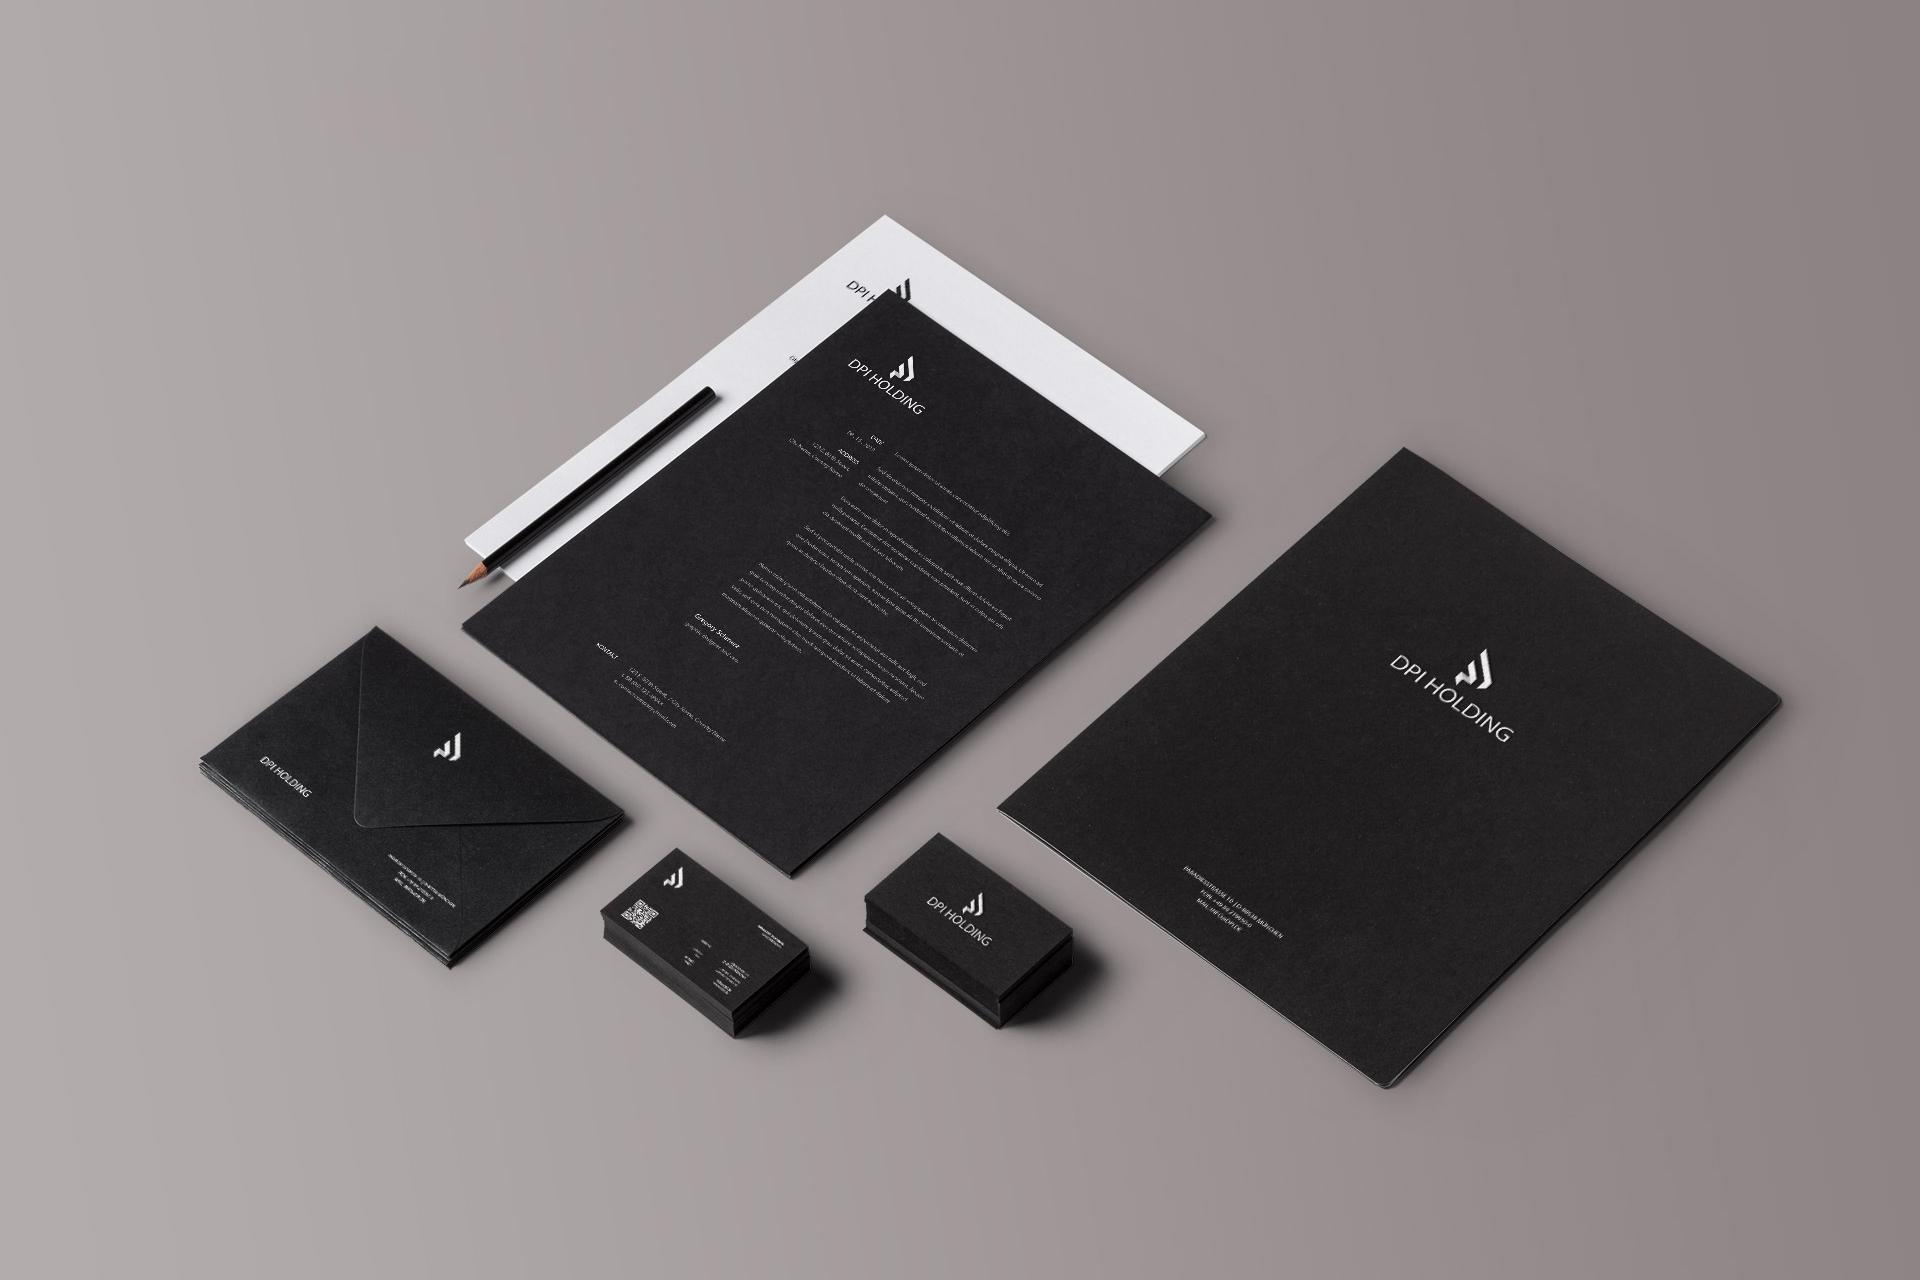 Gestaltung von Corporate Design Visitenkarten Briefpapier Logodesign EAZEE